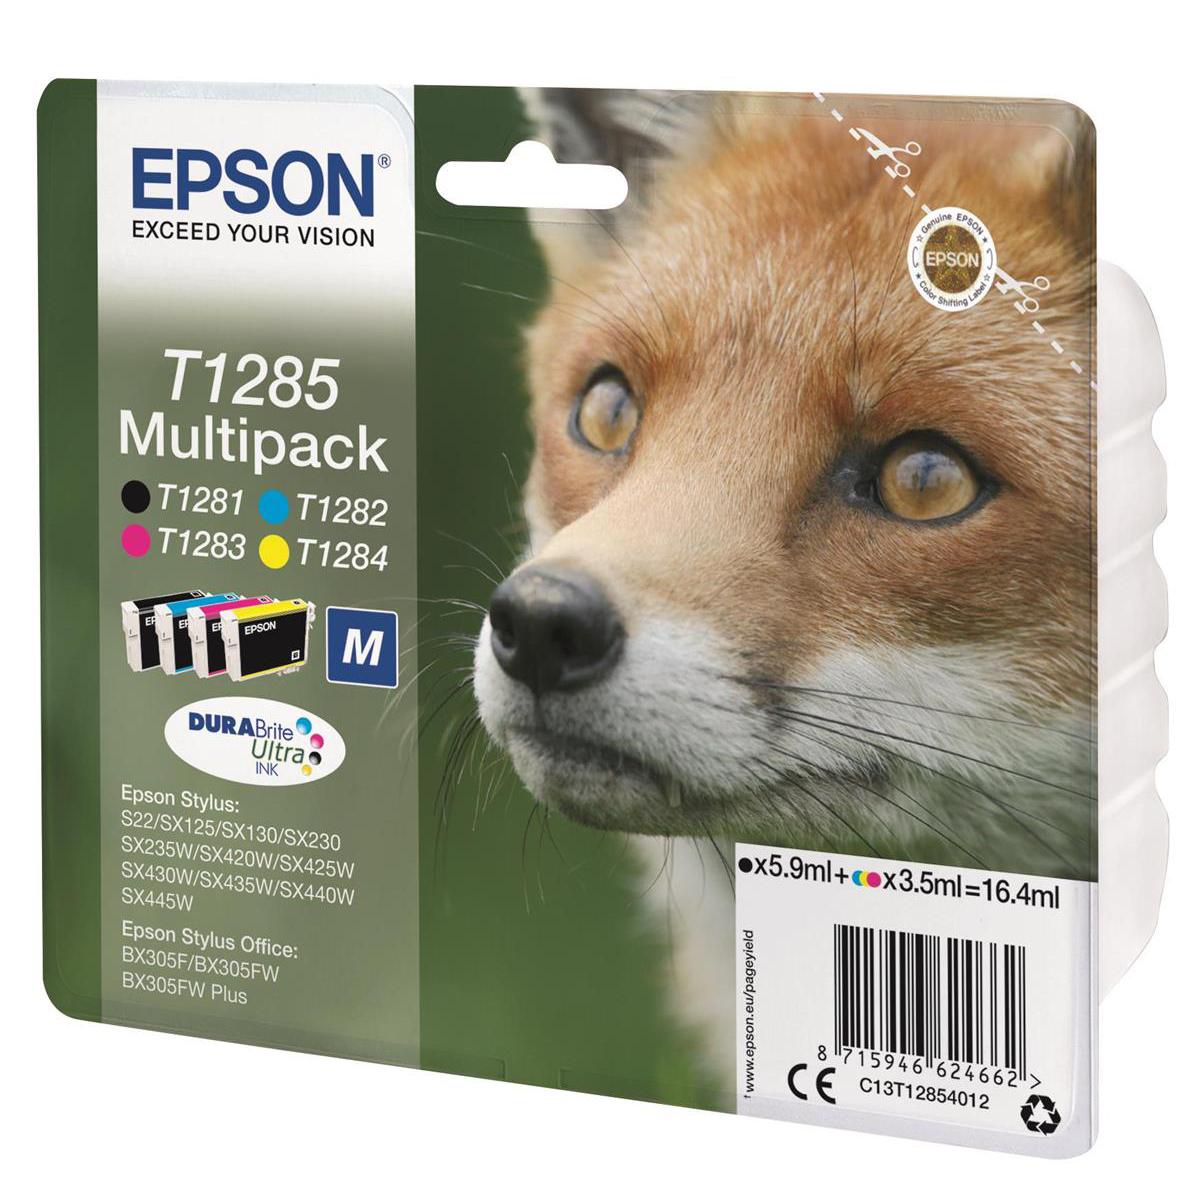 Epson T1285 Inkjet Cart Fox Blk190pp/ Cyan250pp/Mag 150pp/Yell 230pp 16.4ml Ref C13T12854012 Pack 4